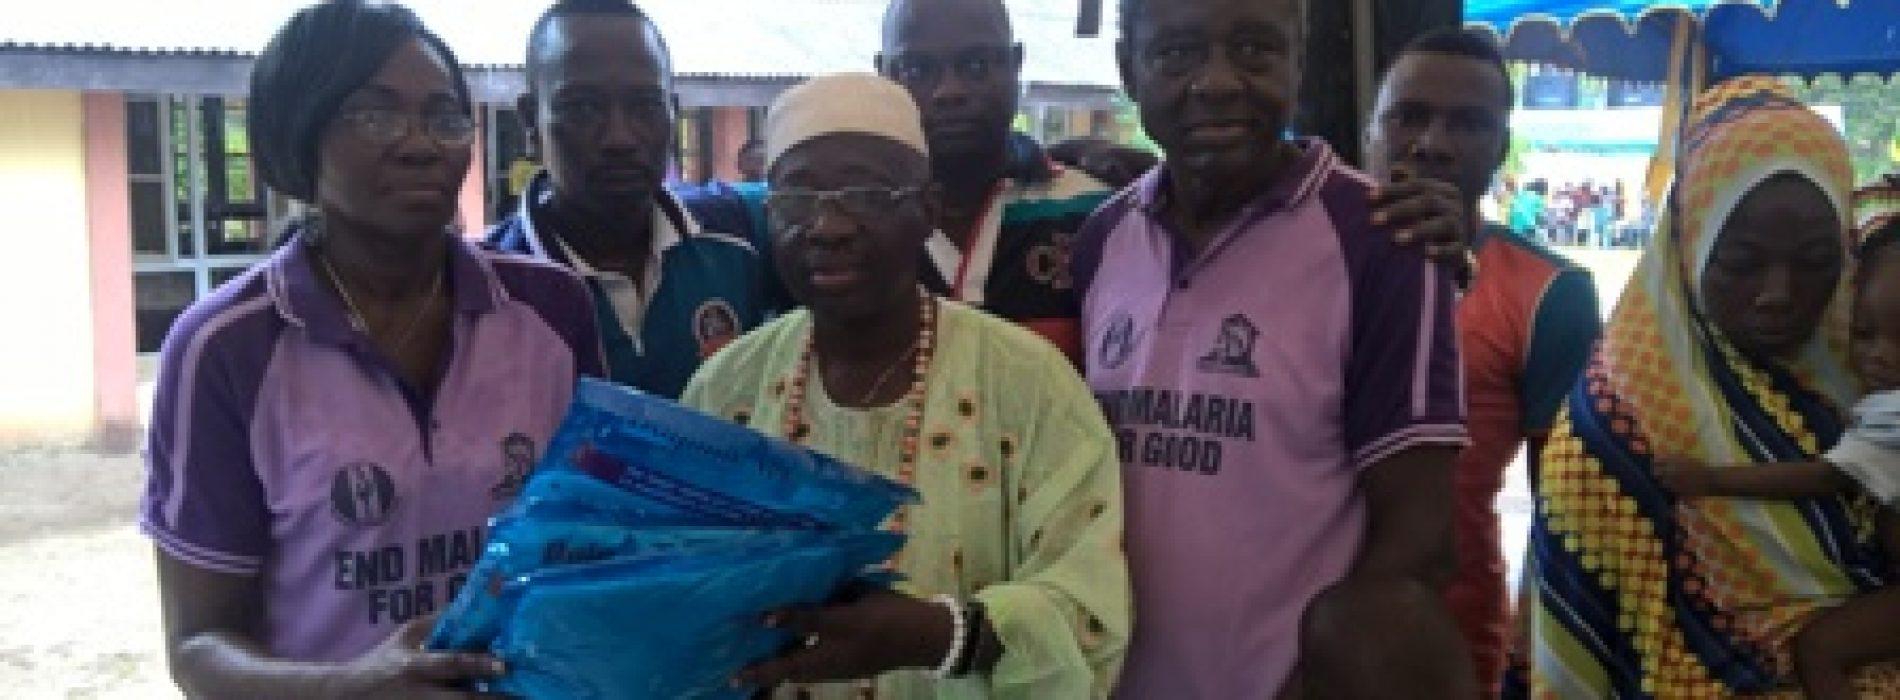 Free malaria treatment for Badagry indigenes